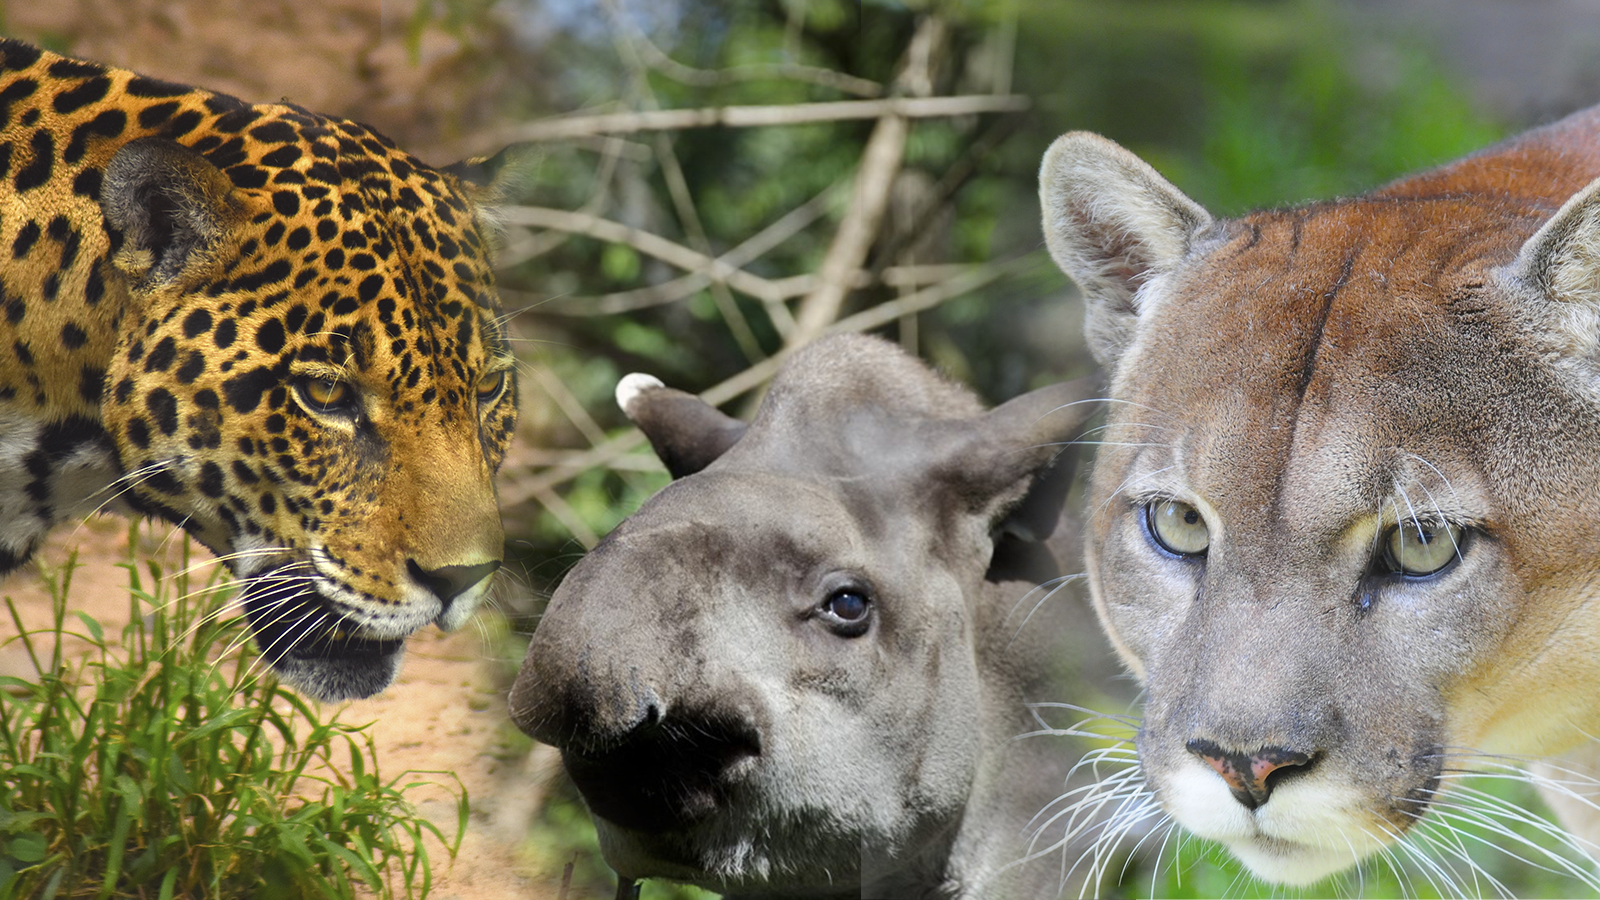 Galería: destinan 228 mil hectáreas para la protección de la danta, el puma y el jaguar